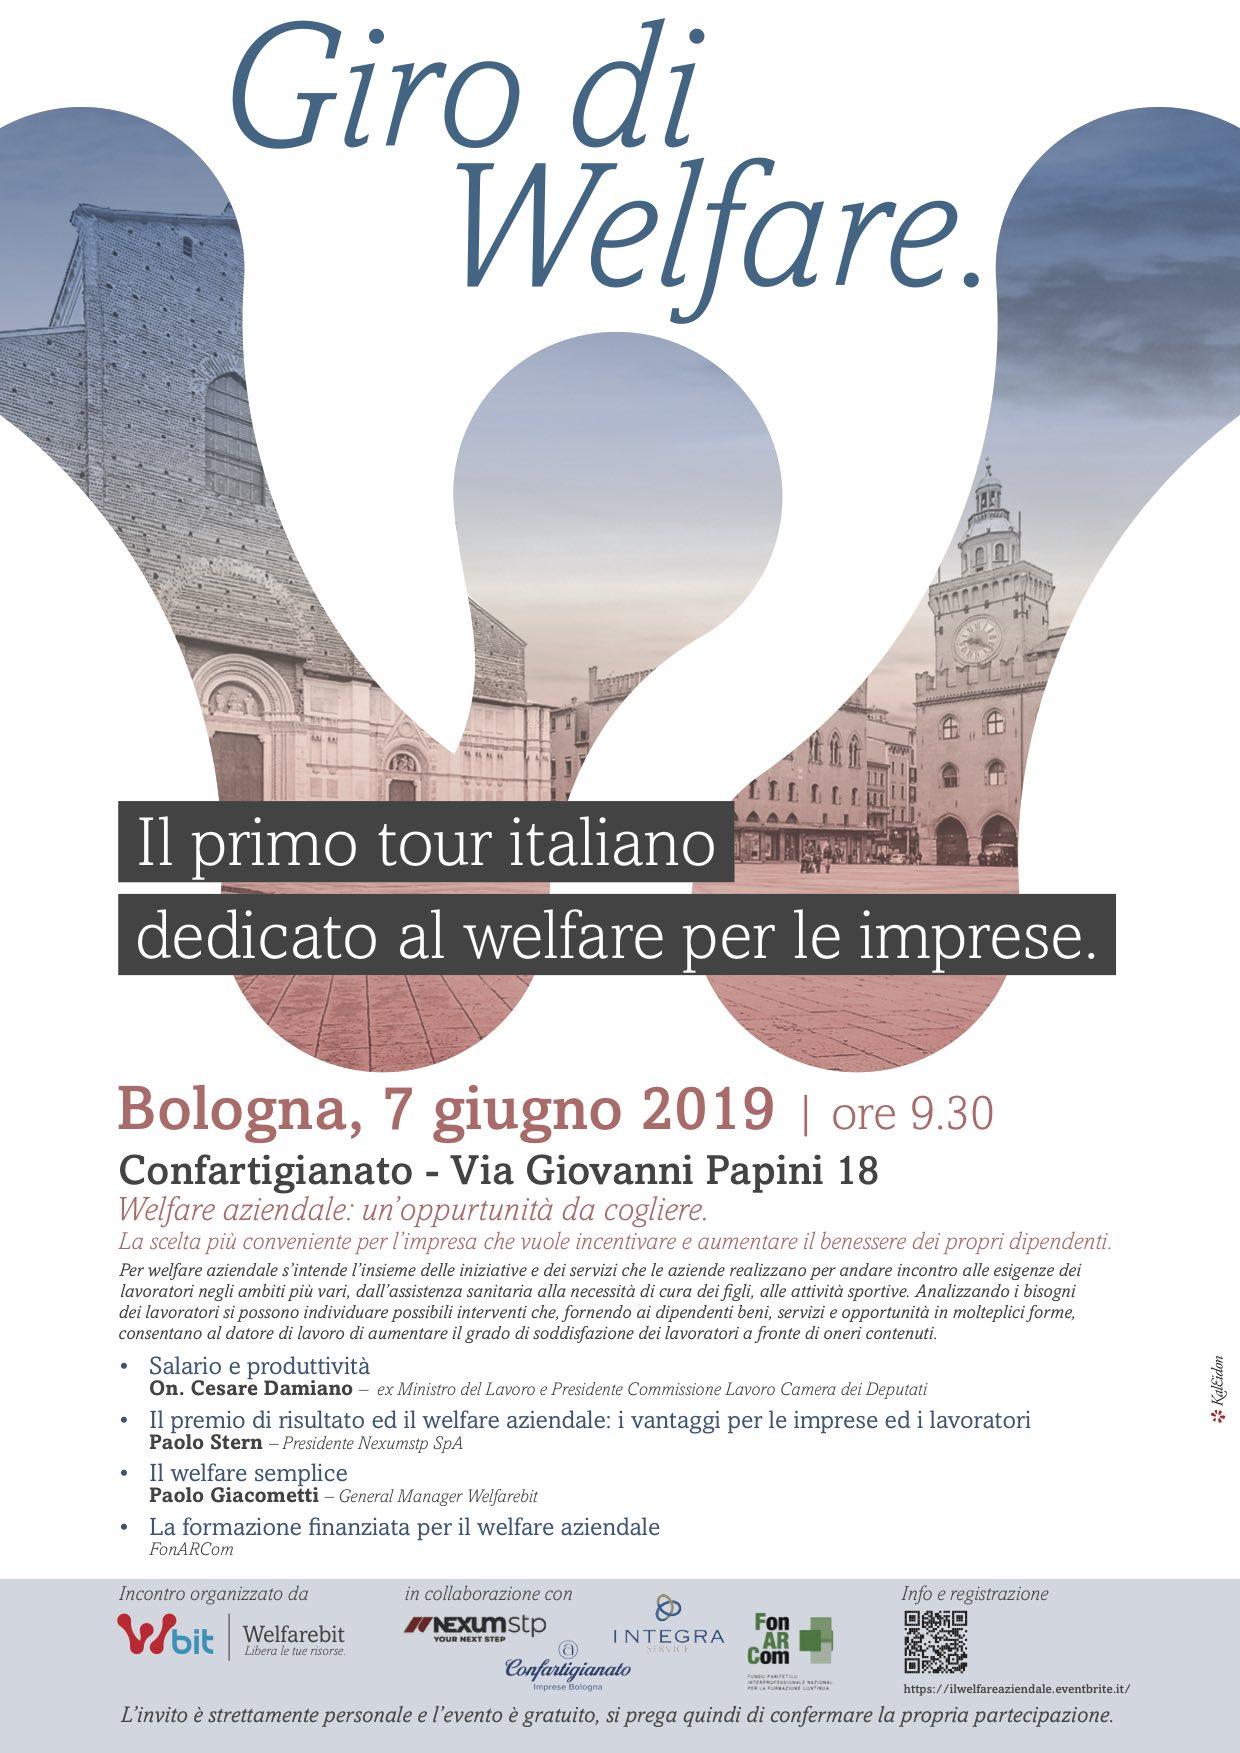 """Al via da Bologna il """"Giro di welfare"""" per le imprese"""